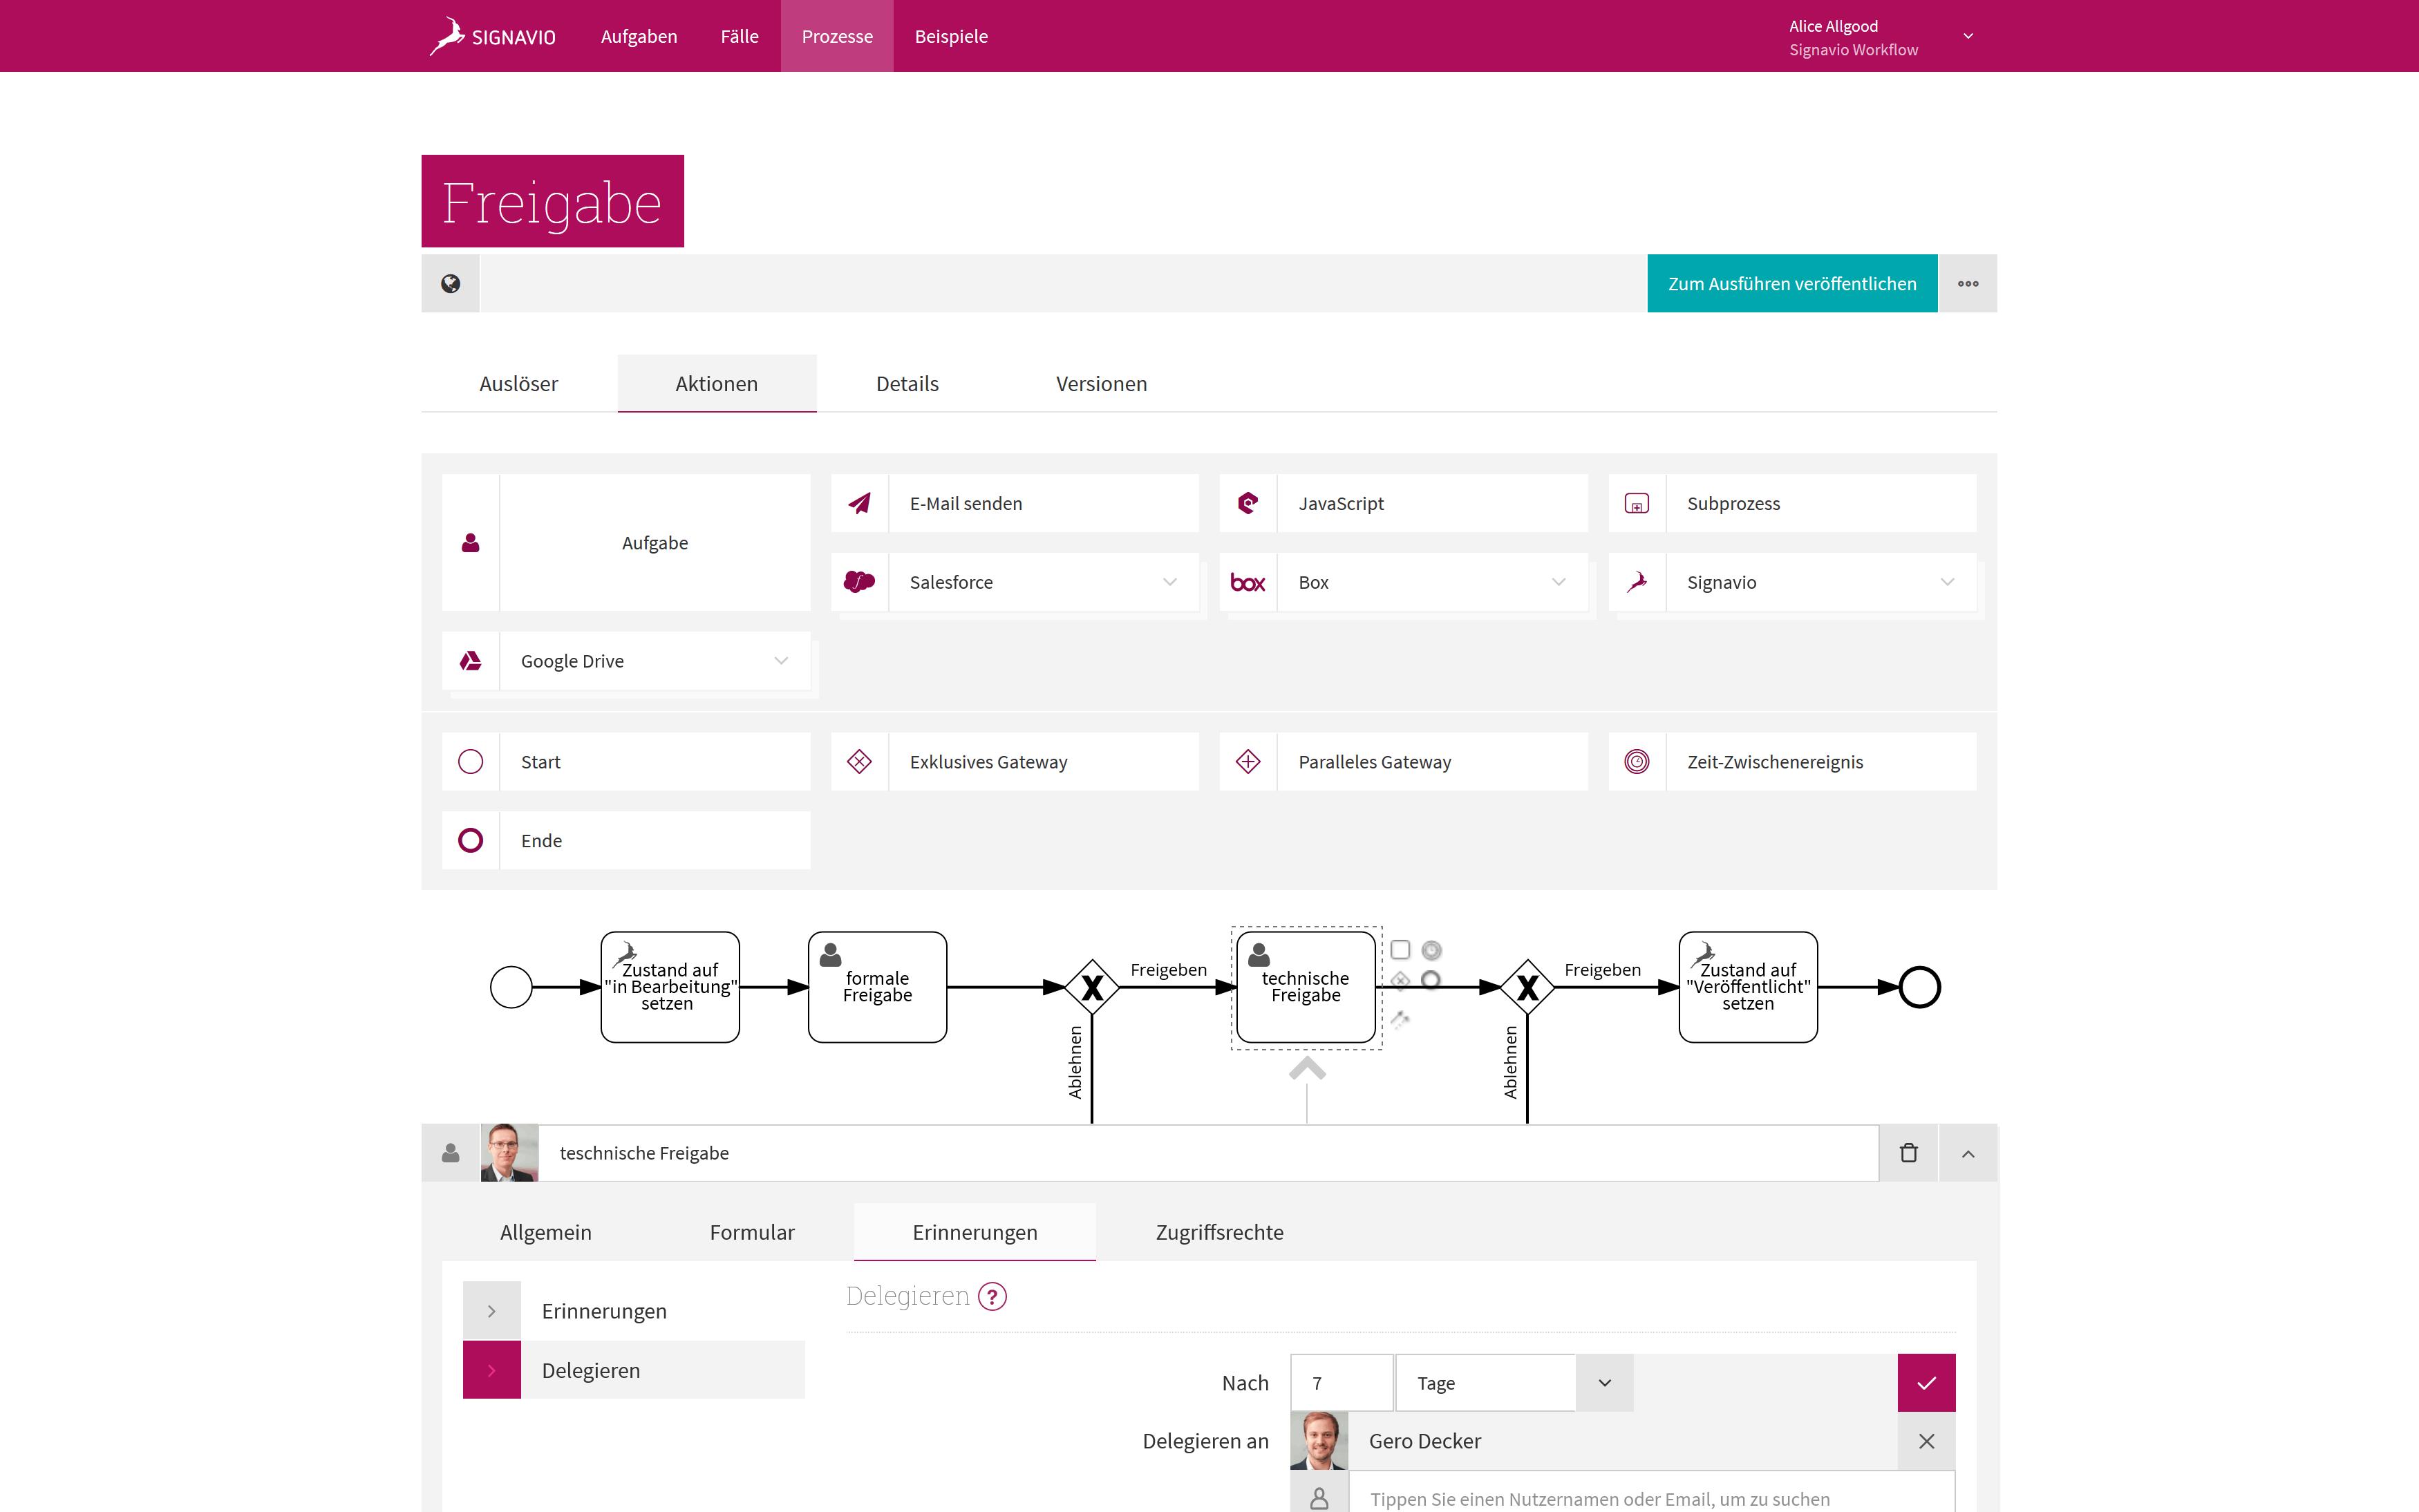 Freigabe-Workflow